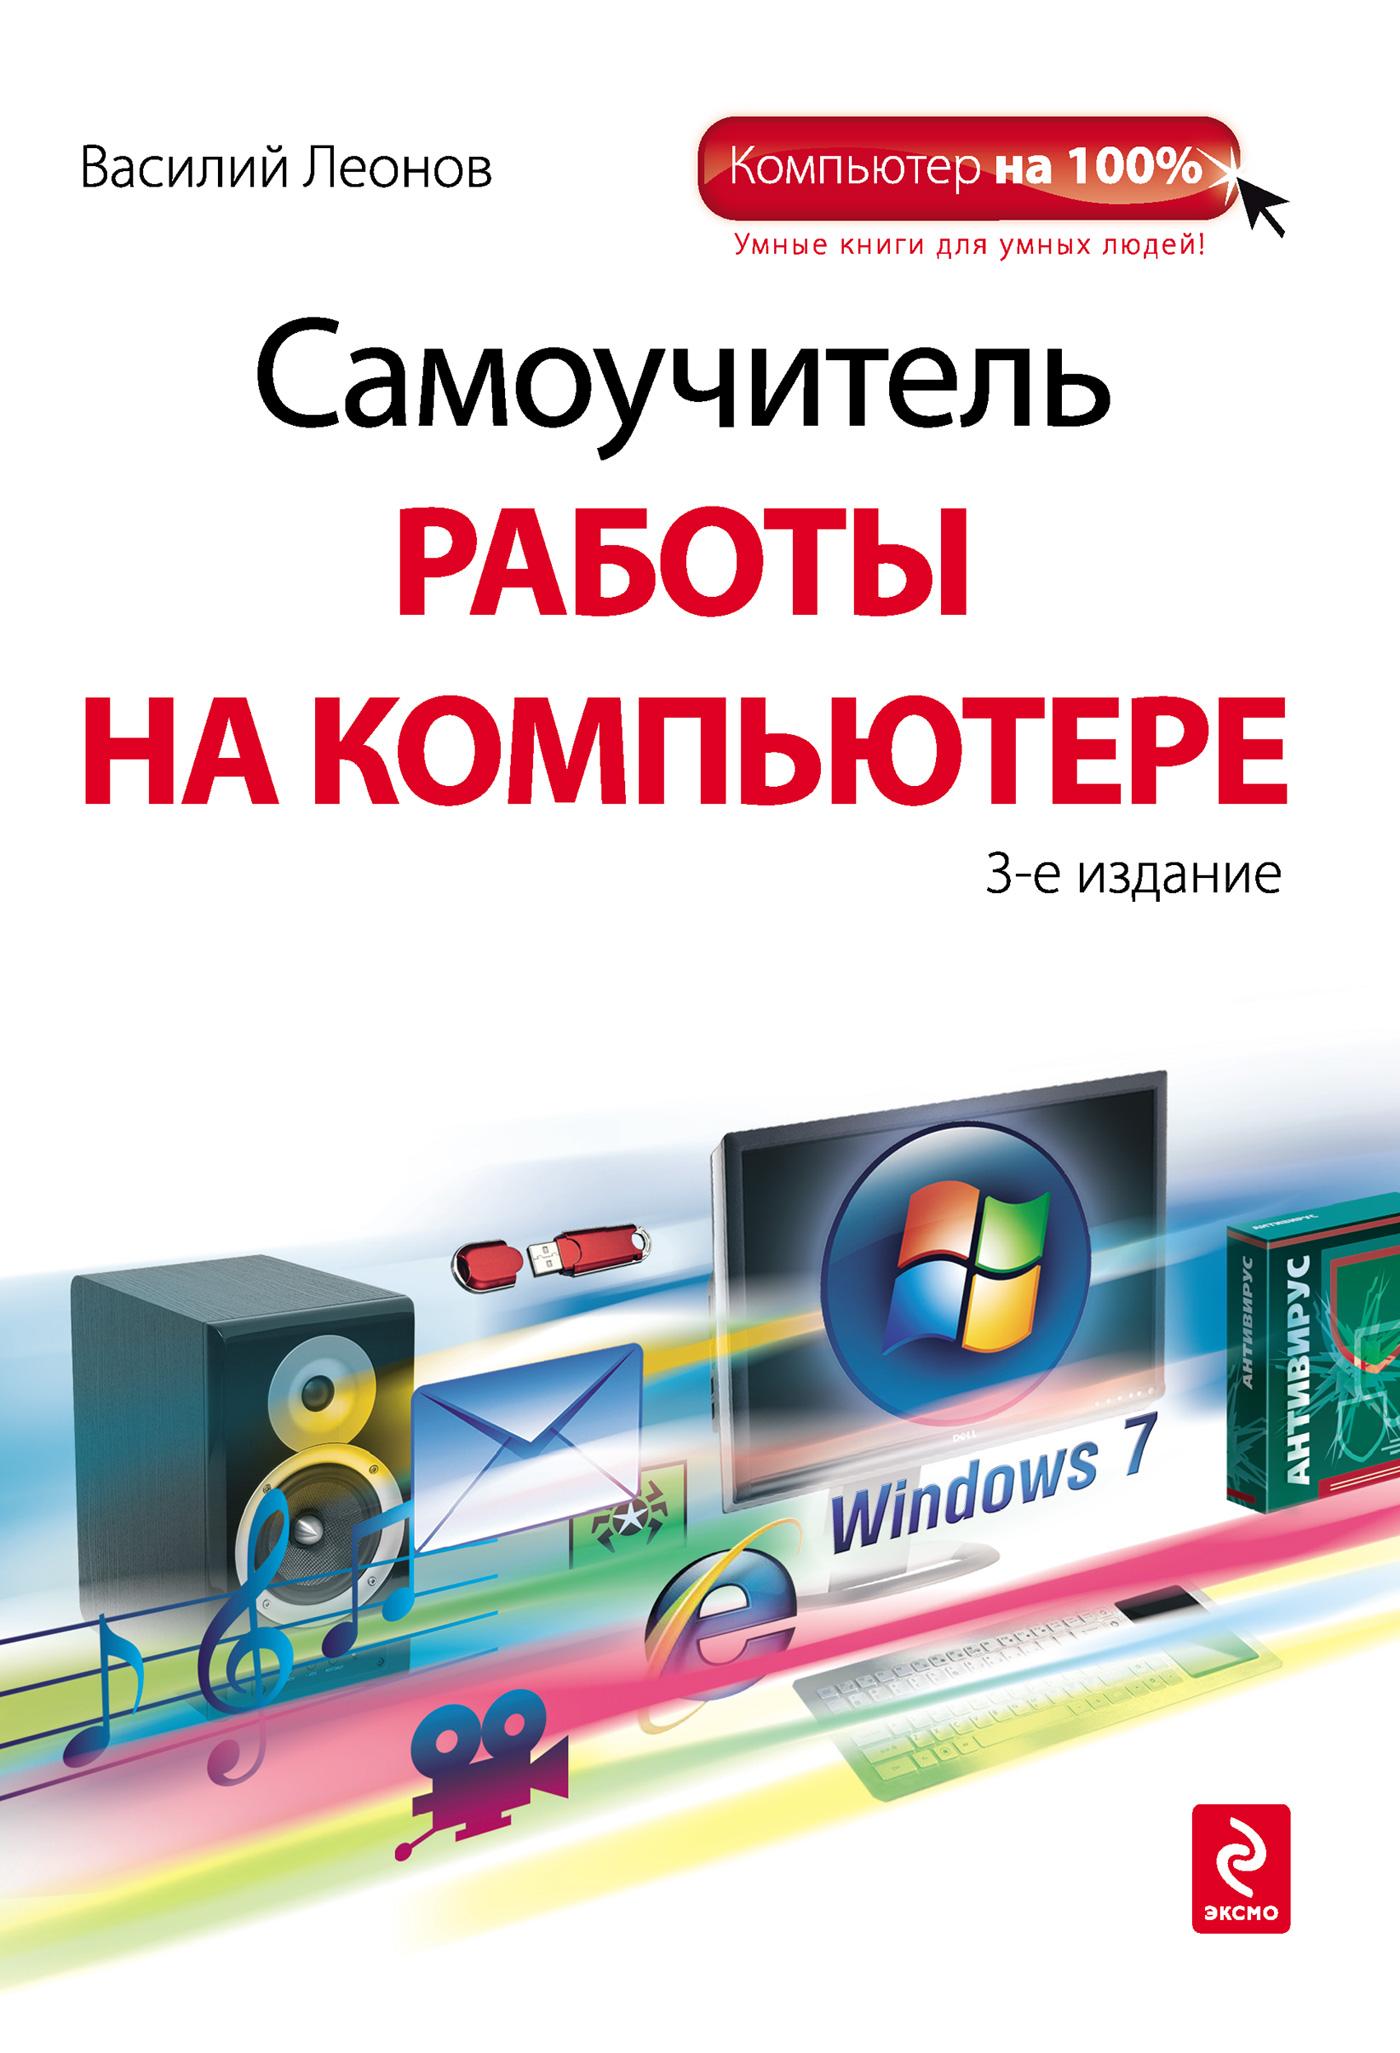 Василий Леонов Самоучитель работы на компьютере гладкий а самоучитель слепой печати учимся быстро набирать тексты на компьютере